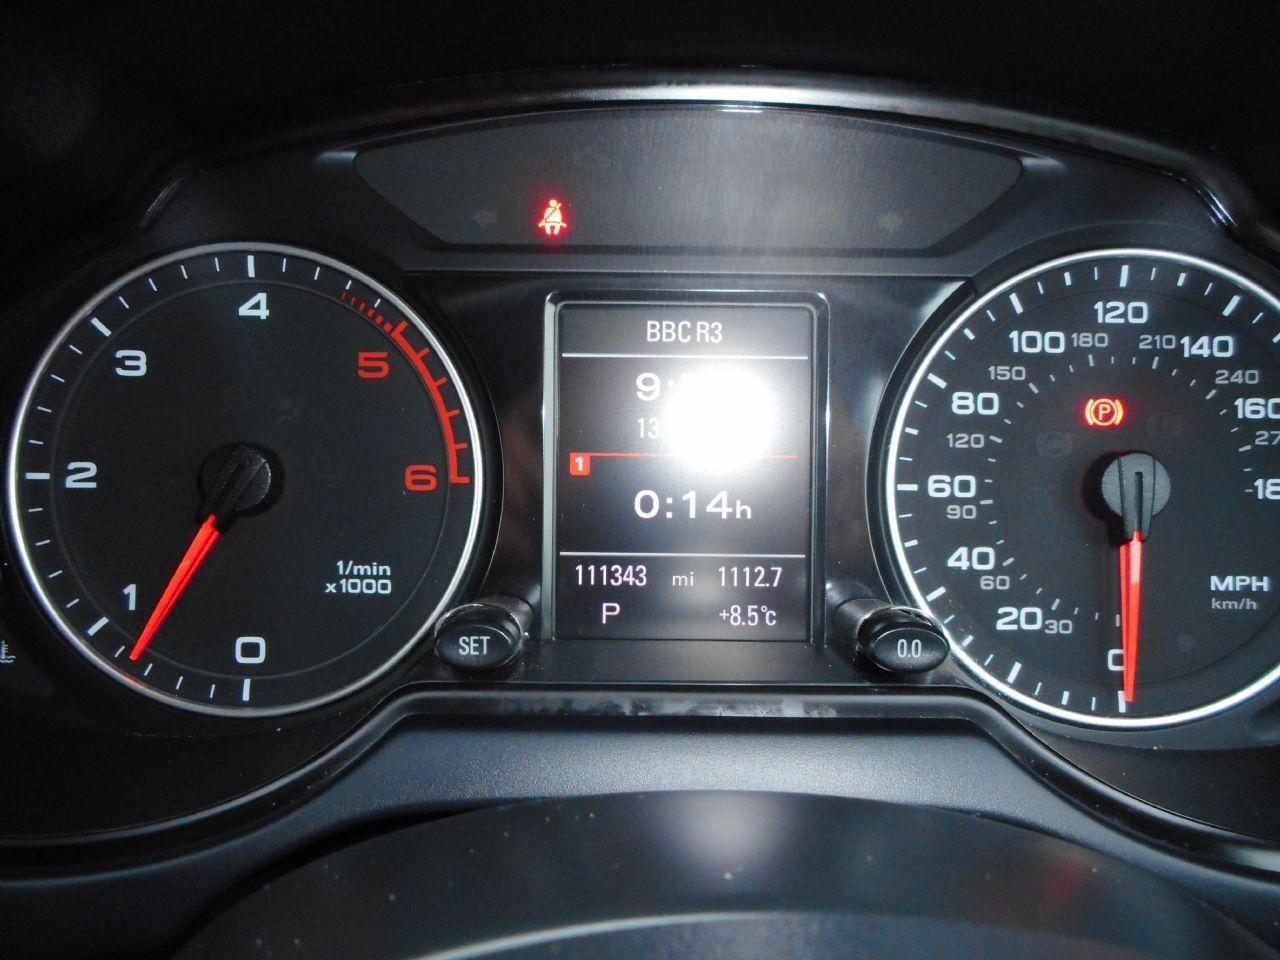 AUDI Q5 3.0 TDI quattro S line 240PS (2012) - Picture 13